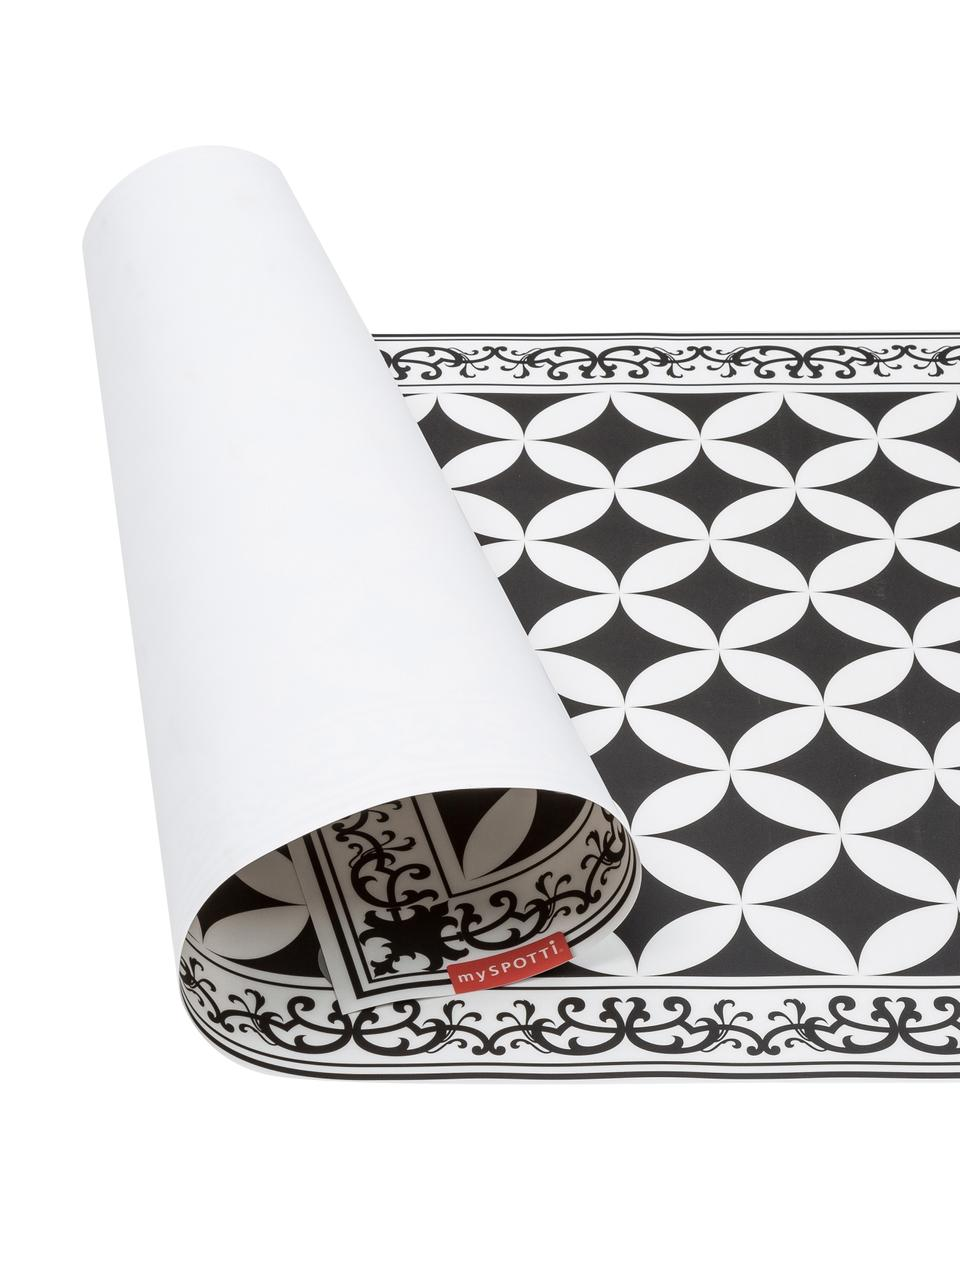 Flache Vinyl-Bodenmatte Chadi in Schwarz/Weiß, rutschfest, Vinyl, recycelbar, Schwarz, Weiß, 65 x 255 cm